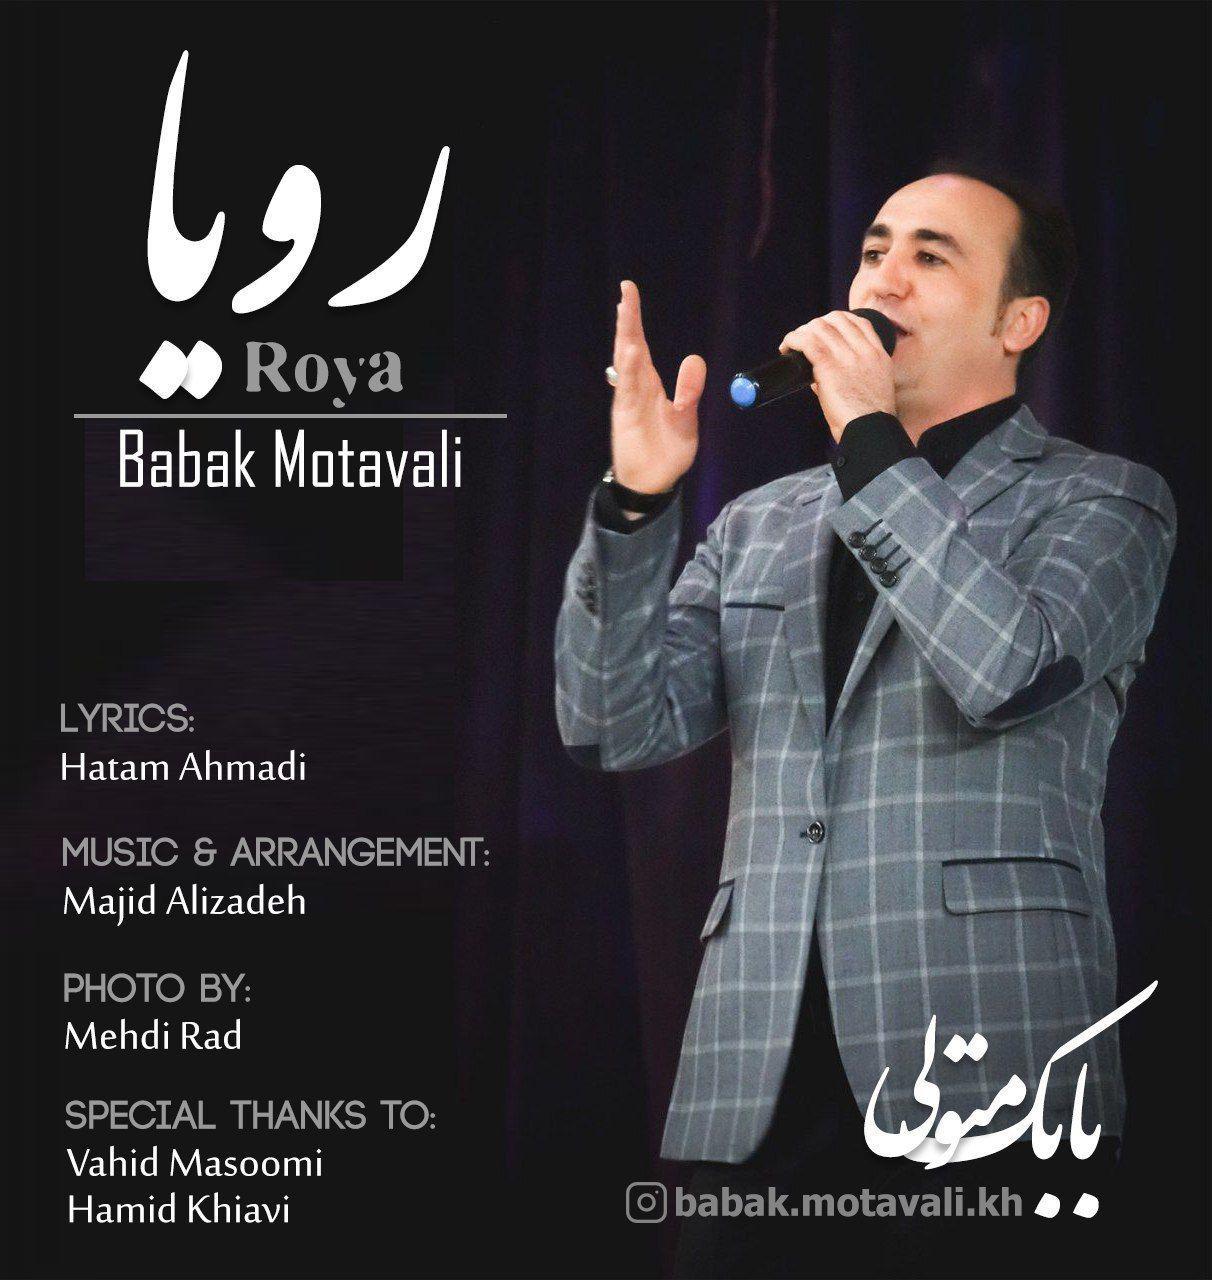 http://s8.picofile.com/file/8320116368/07Babak_Motavali_Roya.jpg